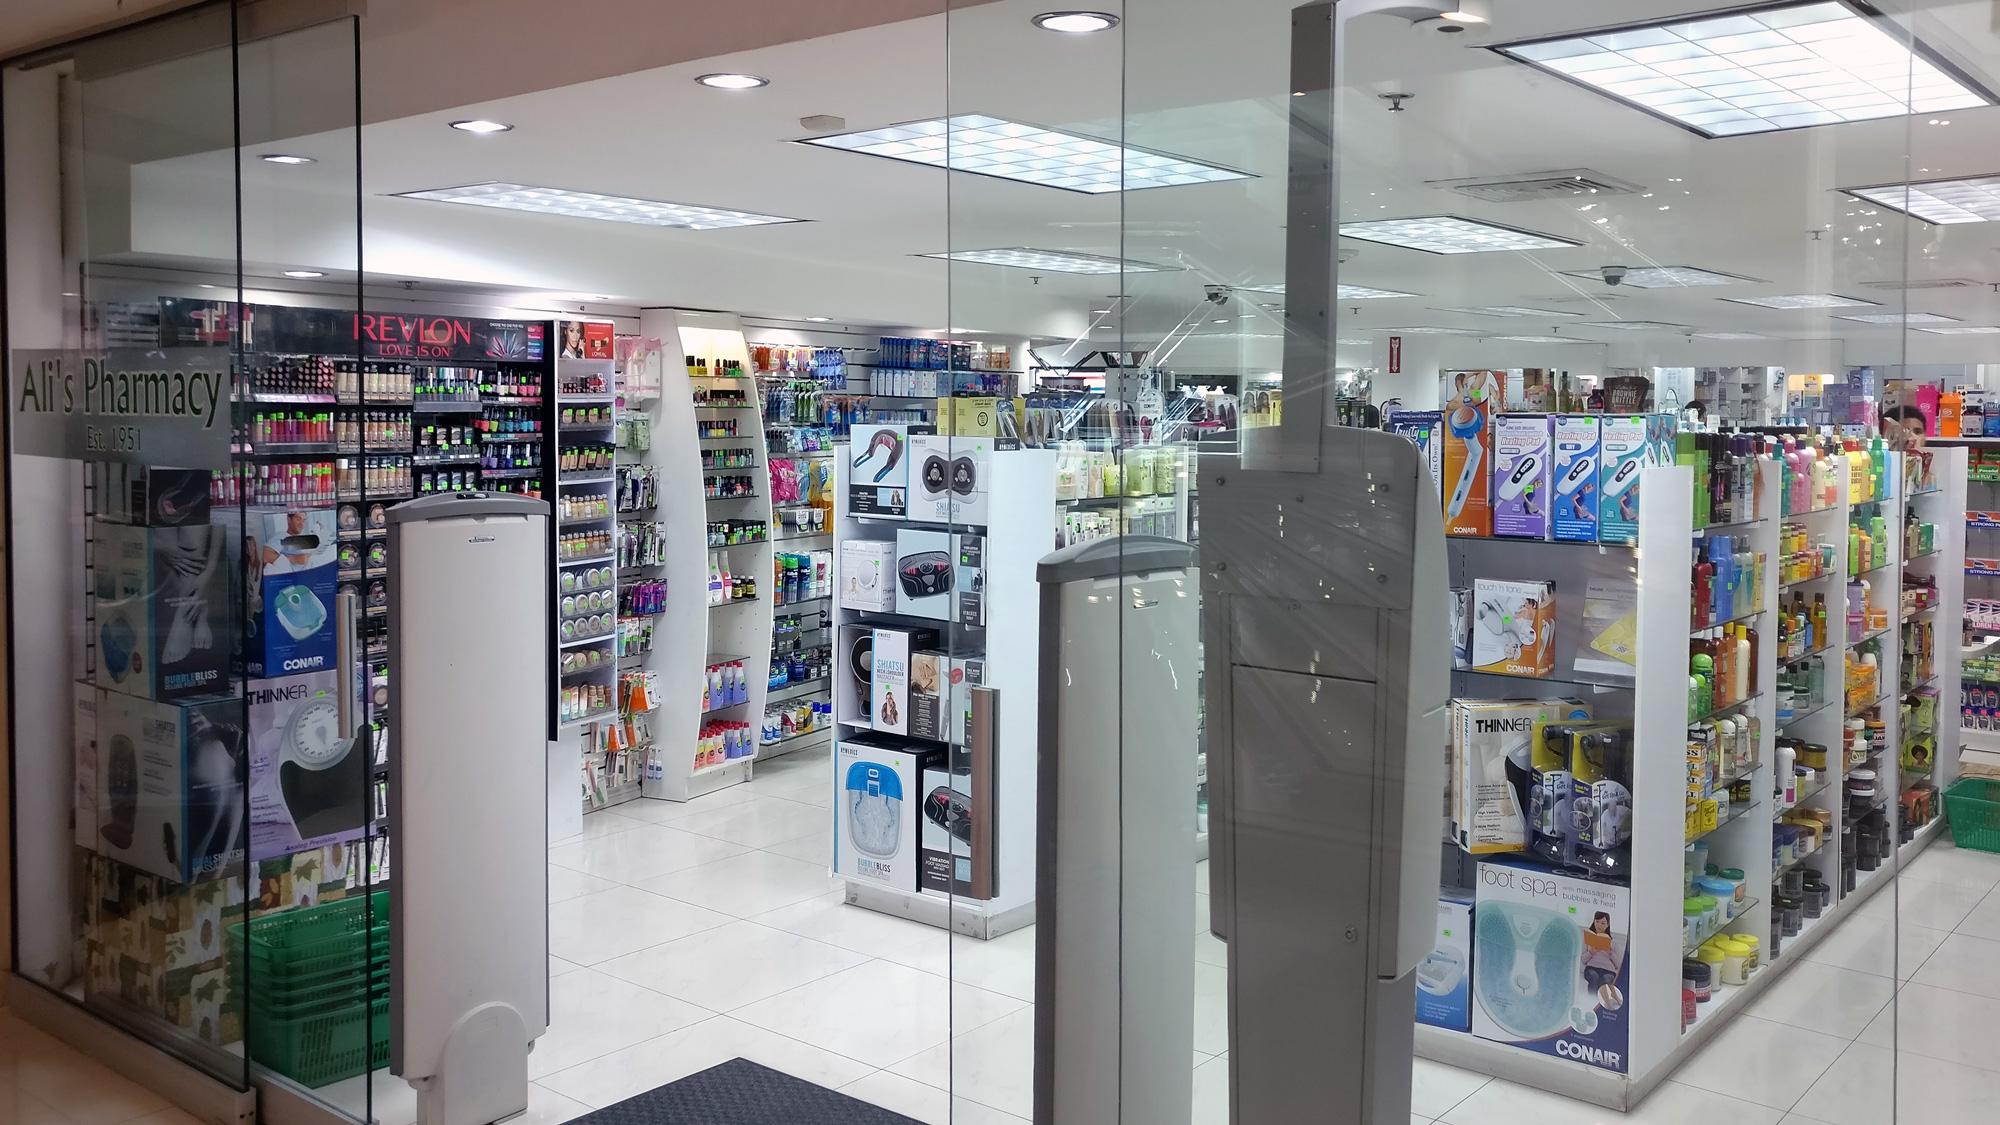 Ali's Pharmacy